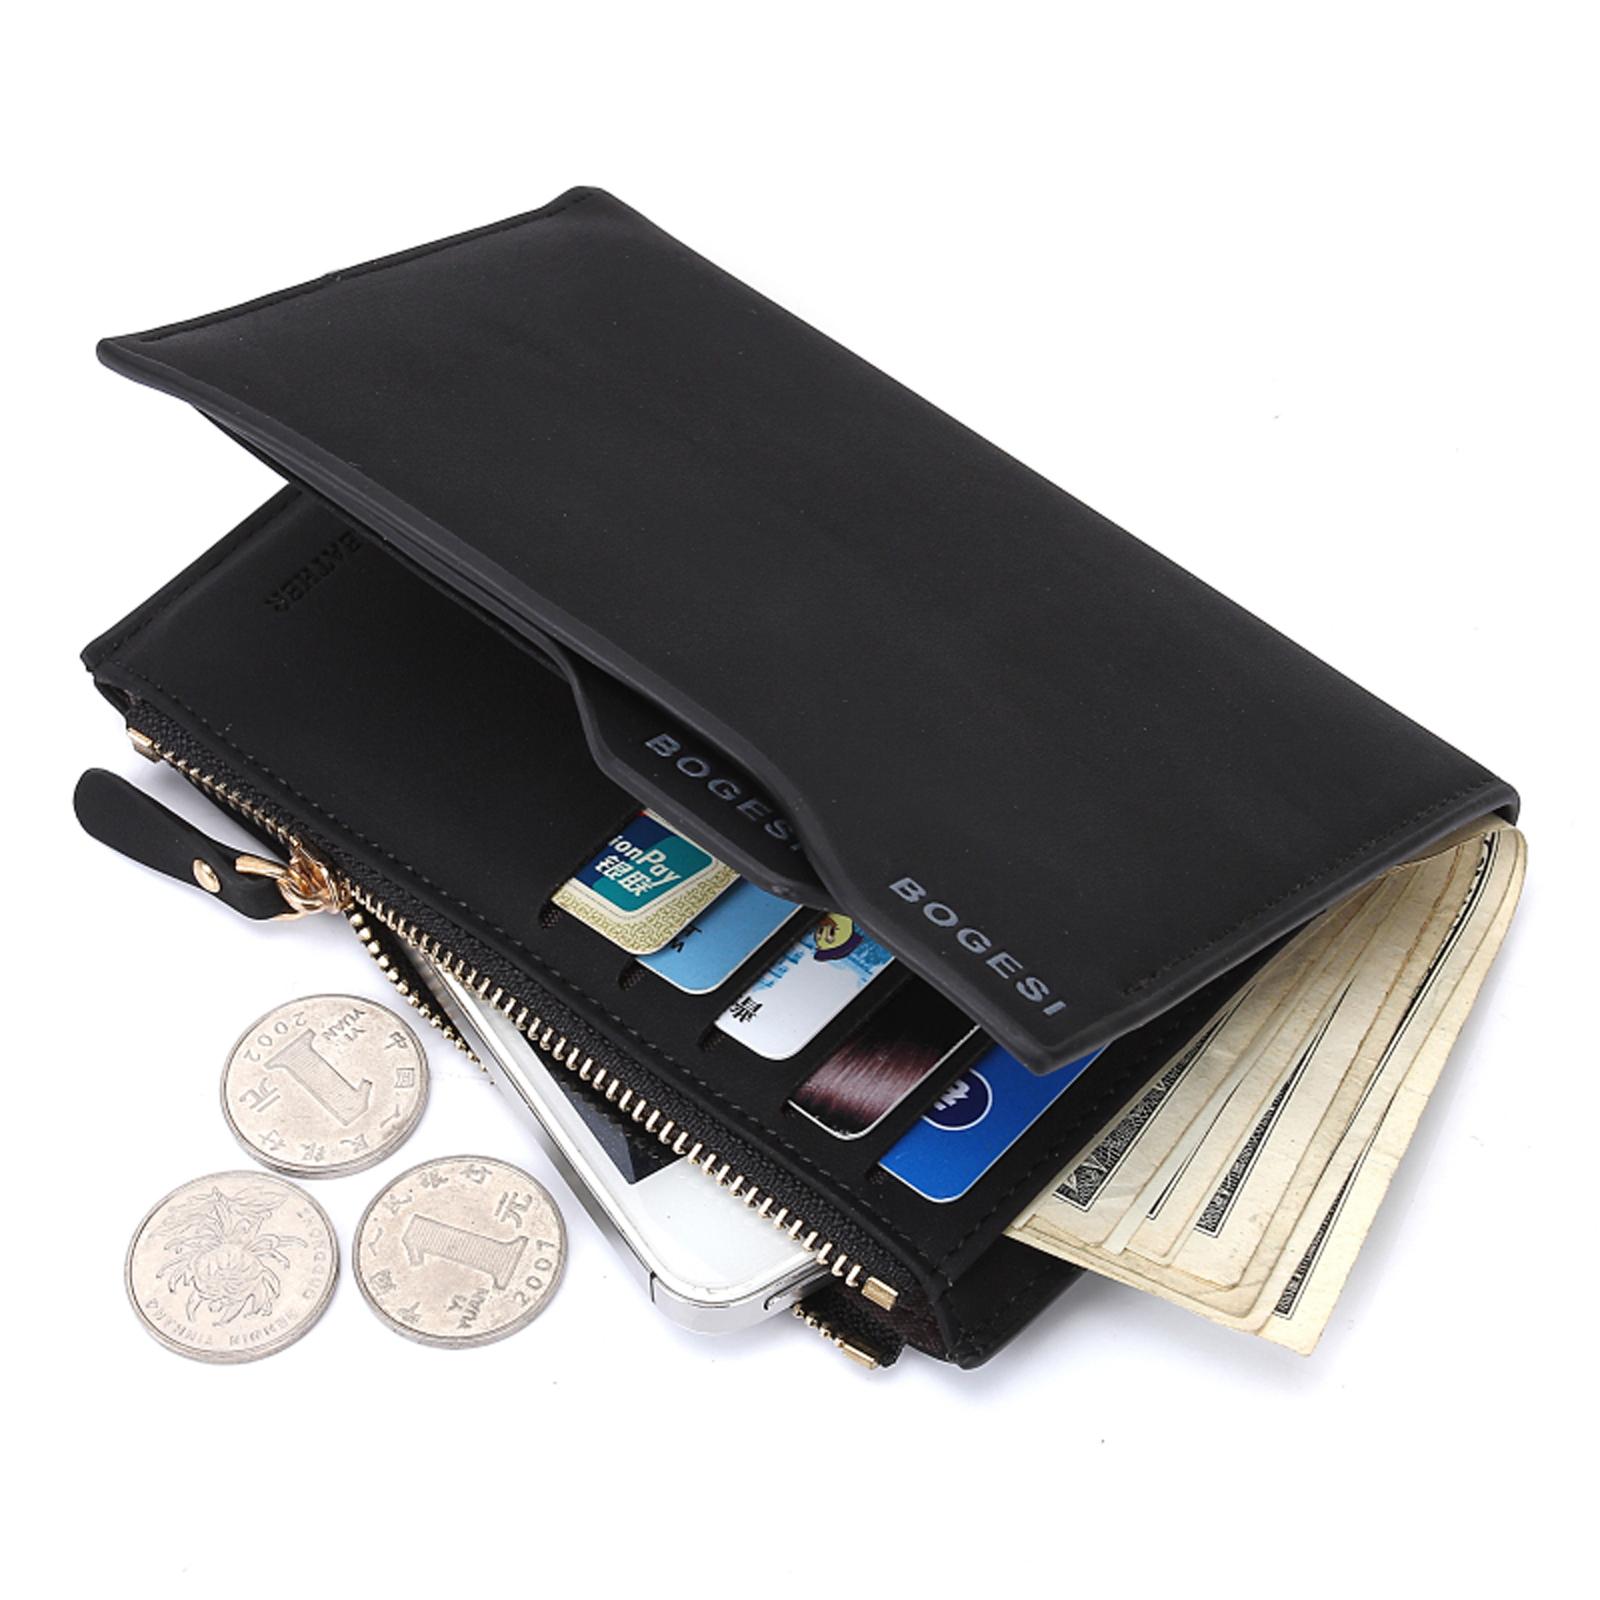 Details about PU Leather Boy Men's Purse Credit Card Pocket Money Clip Zipper Short Wallet